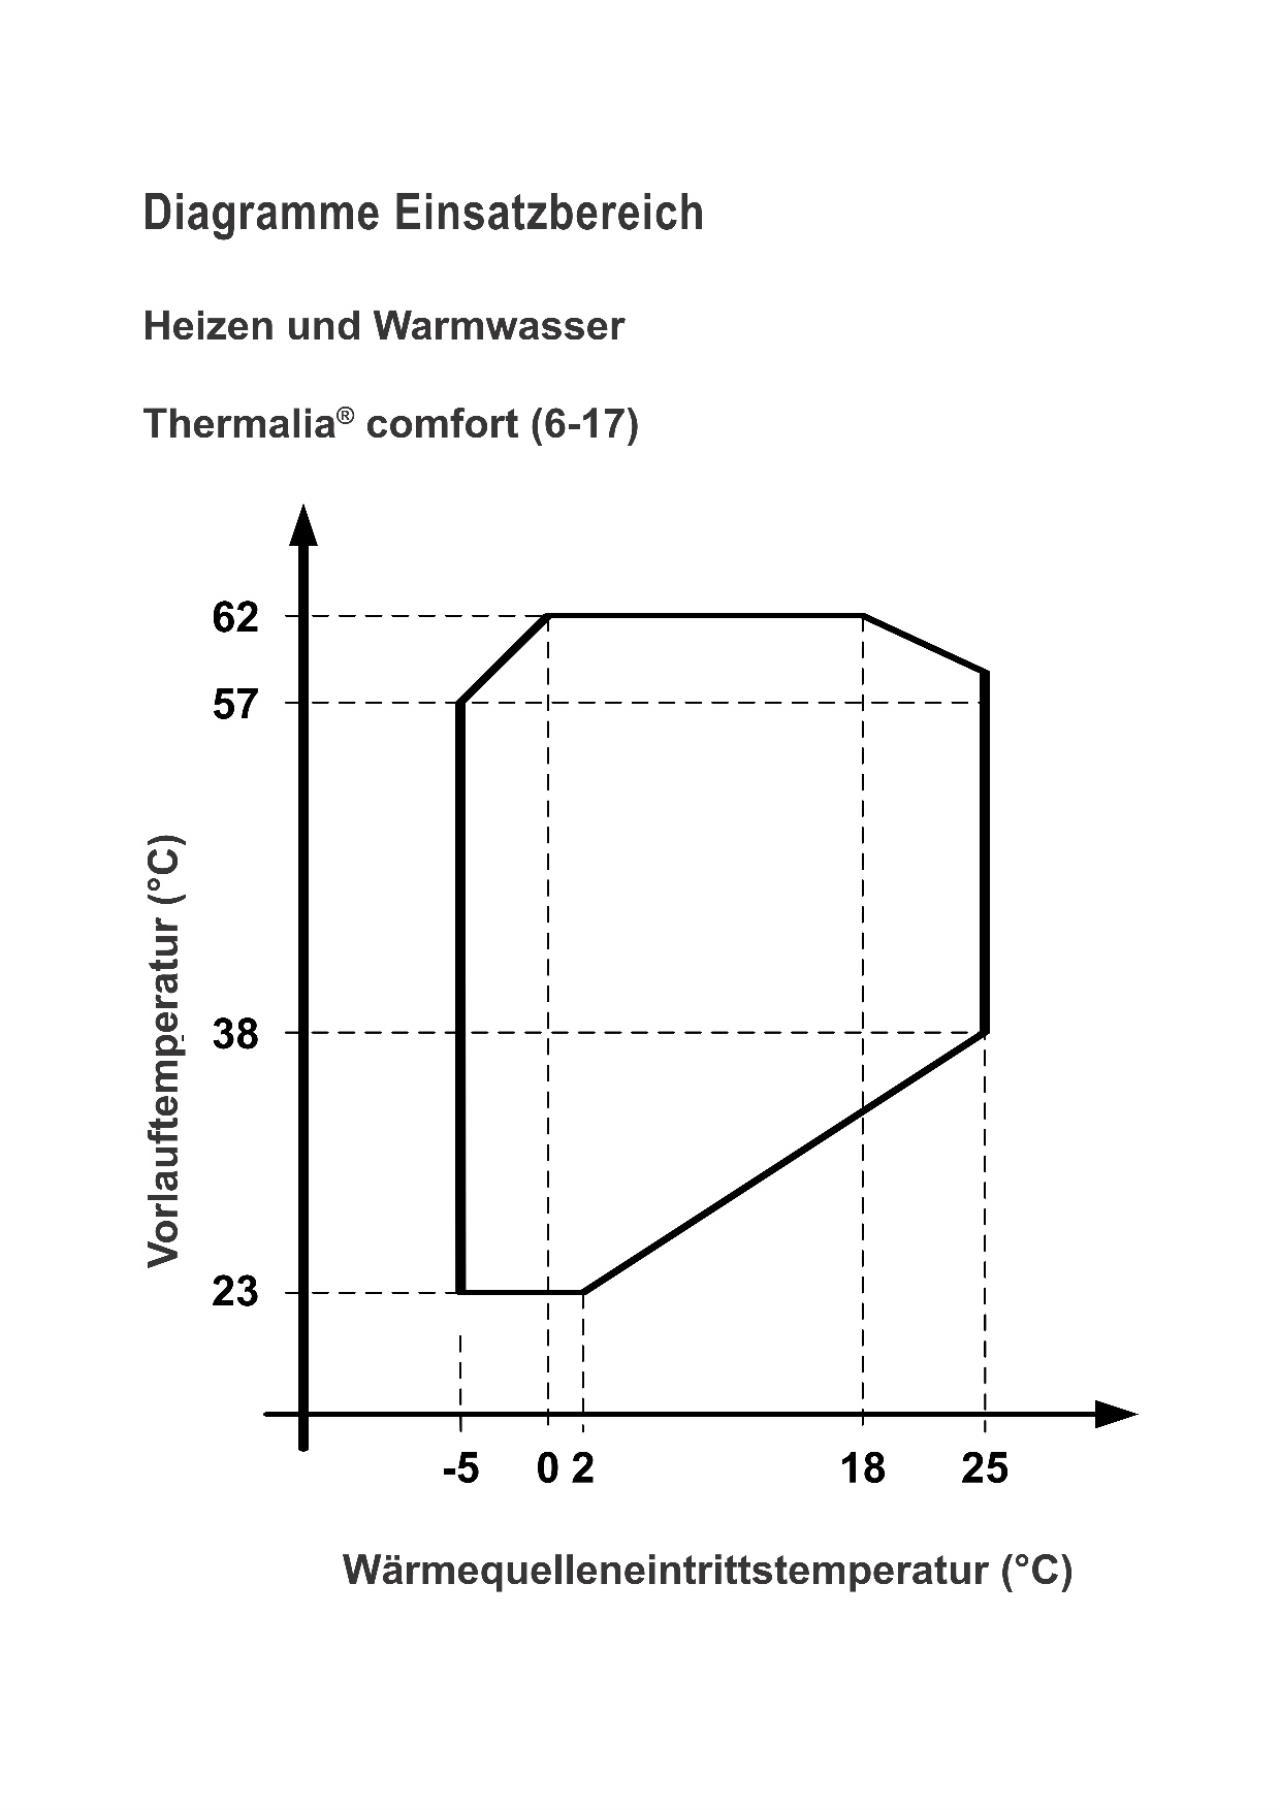 Wunderbar Warmwasser Diagramm Zeitgenössisch - Schaltplan Serie ...